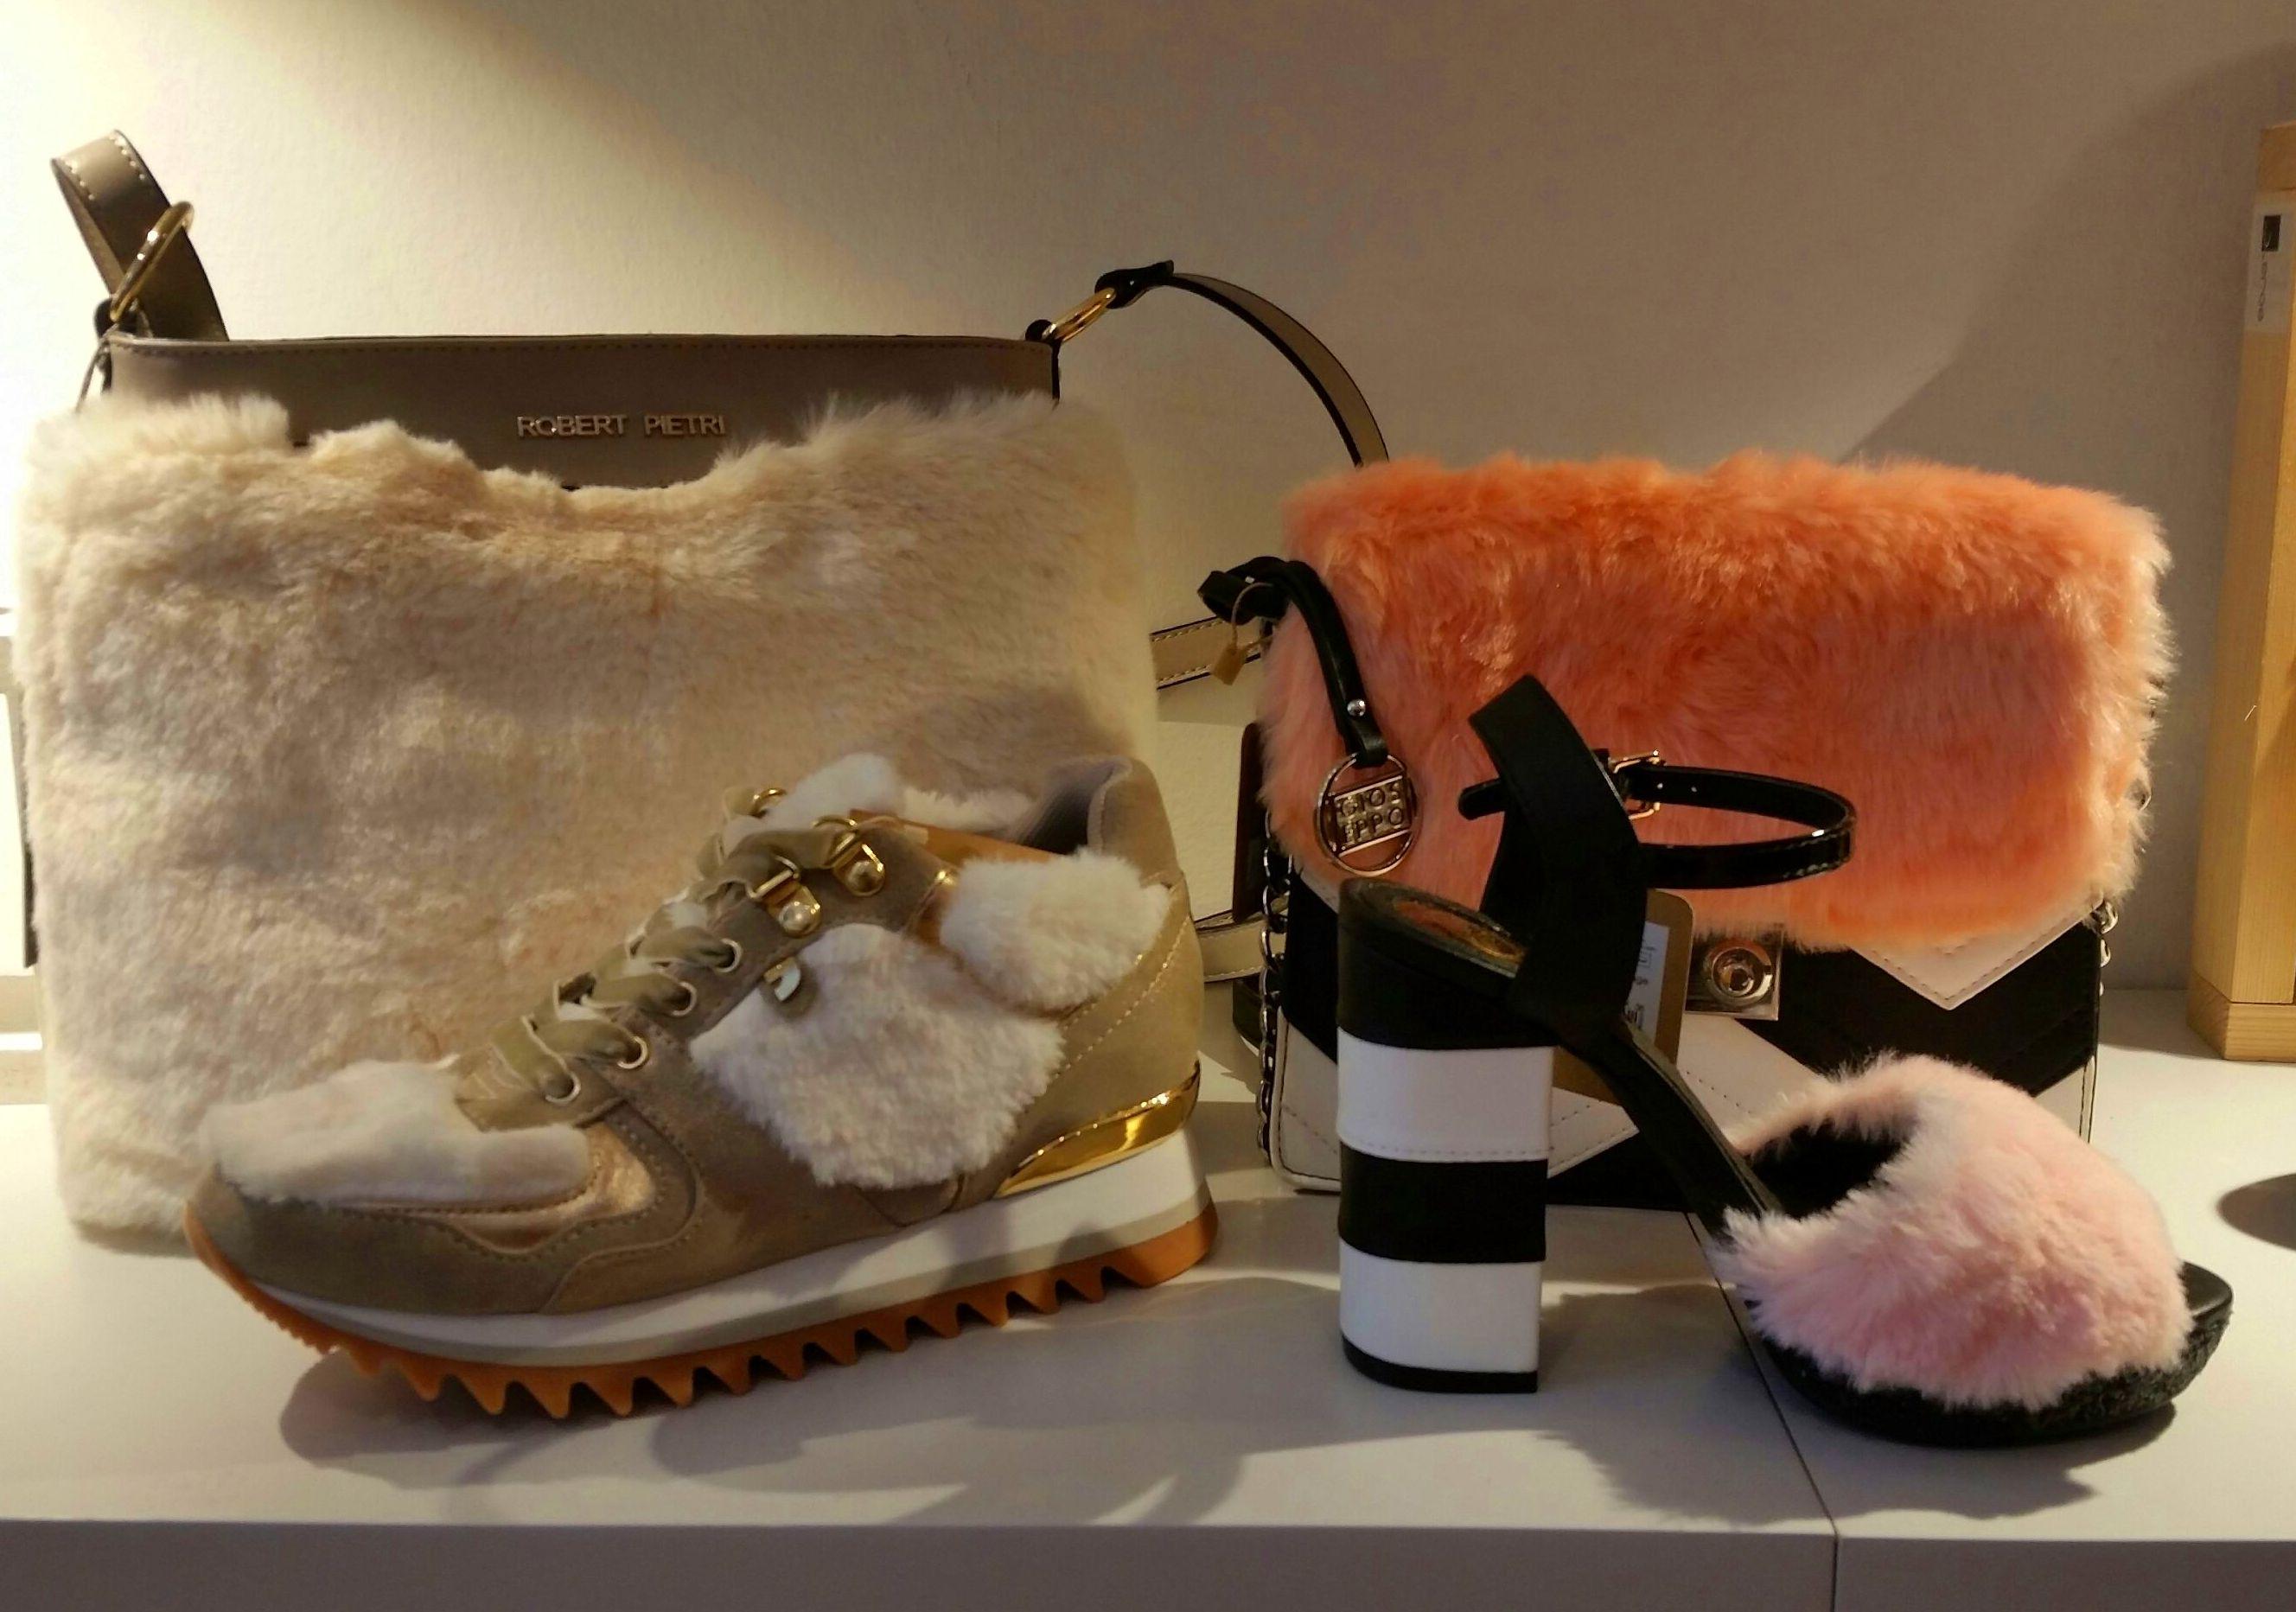 Foto 18 de Calzado y accesorios para hombre y mujer en Málaga | Q-eros